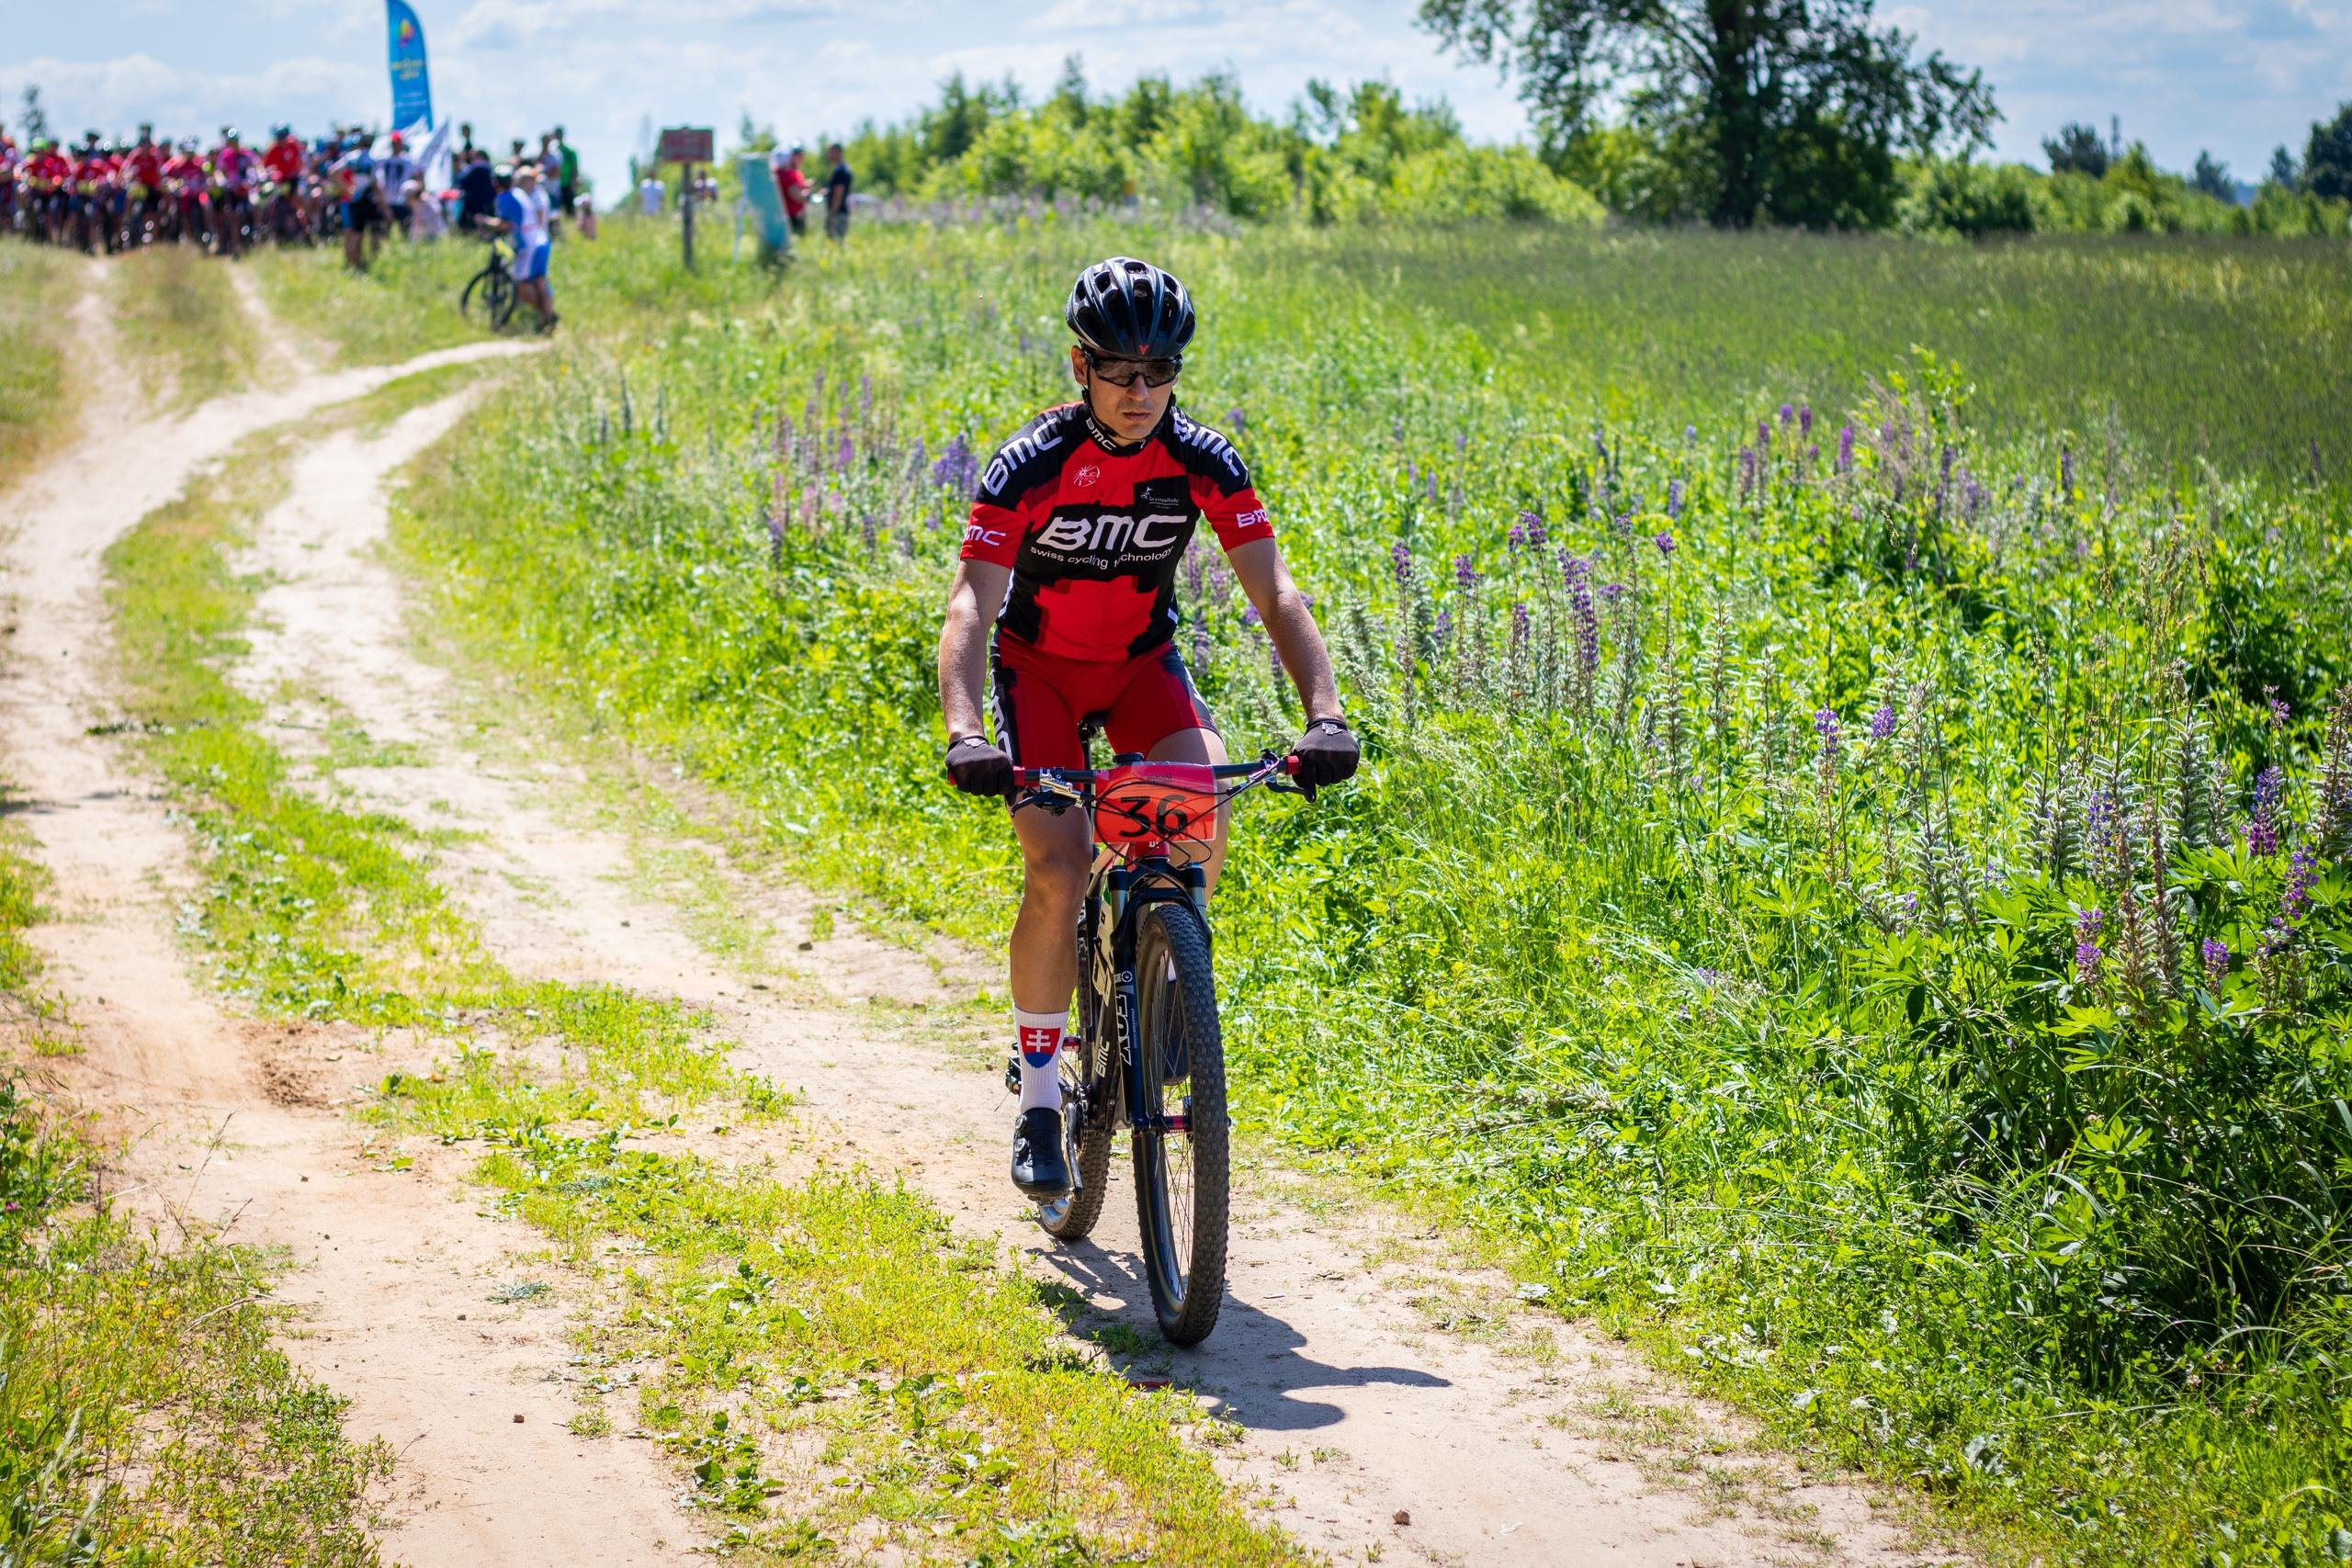 Виталий Белов. Спортсмен из Рыбинска на Шуйской велогонке 2019